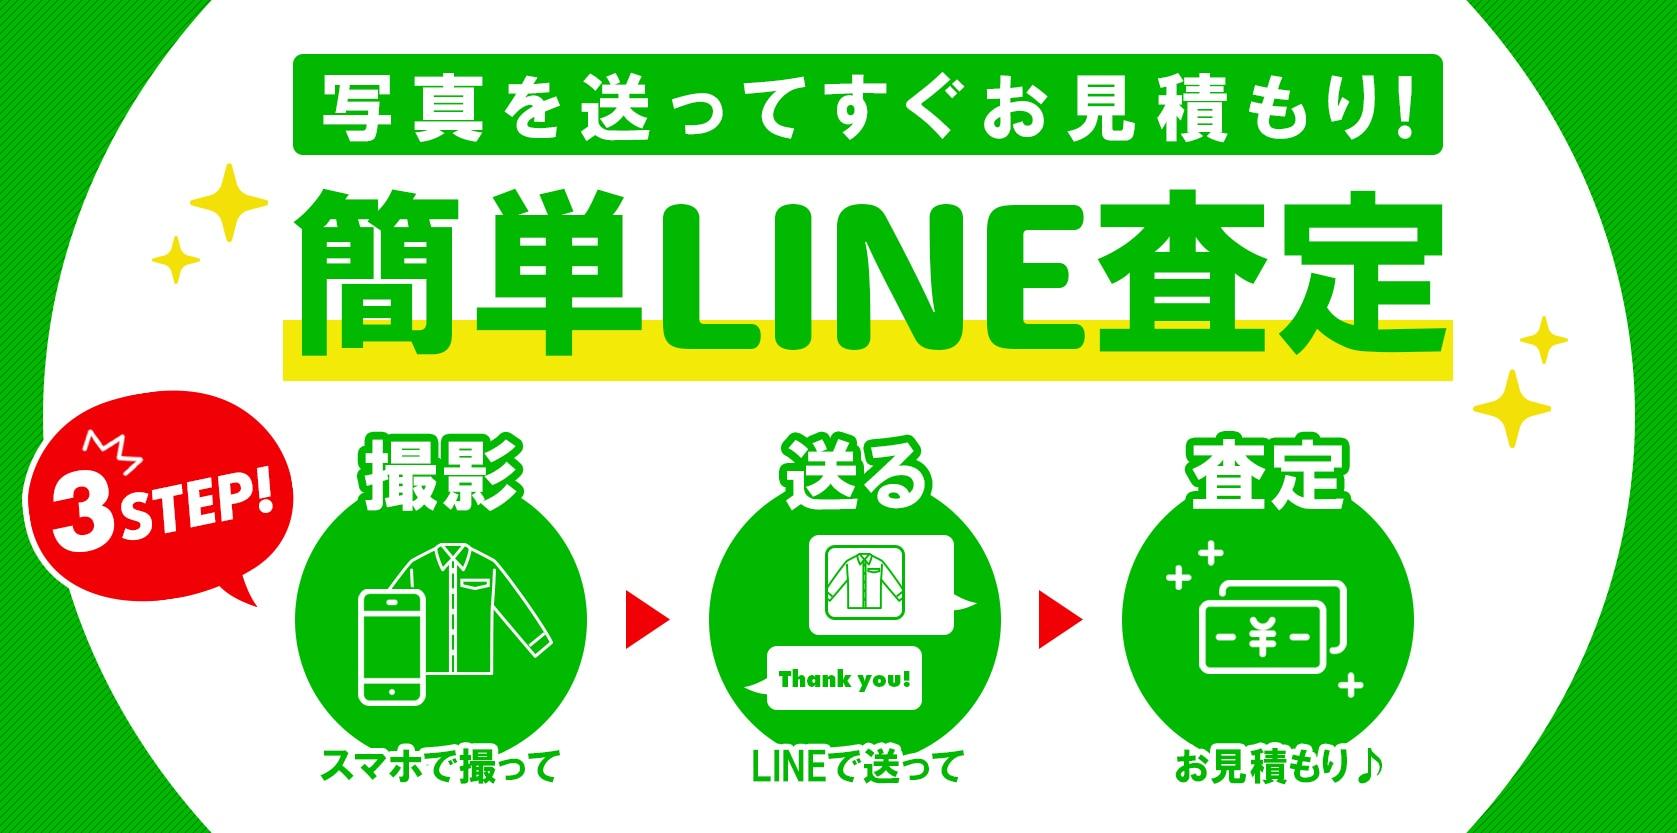 3STEPで簡単LINE査定!